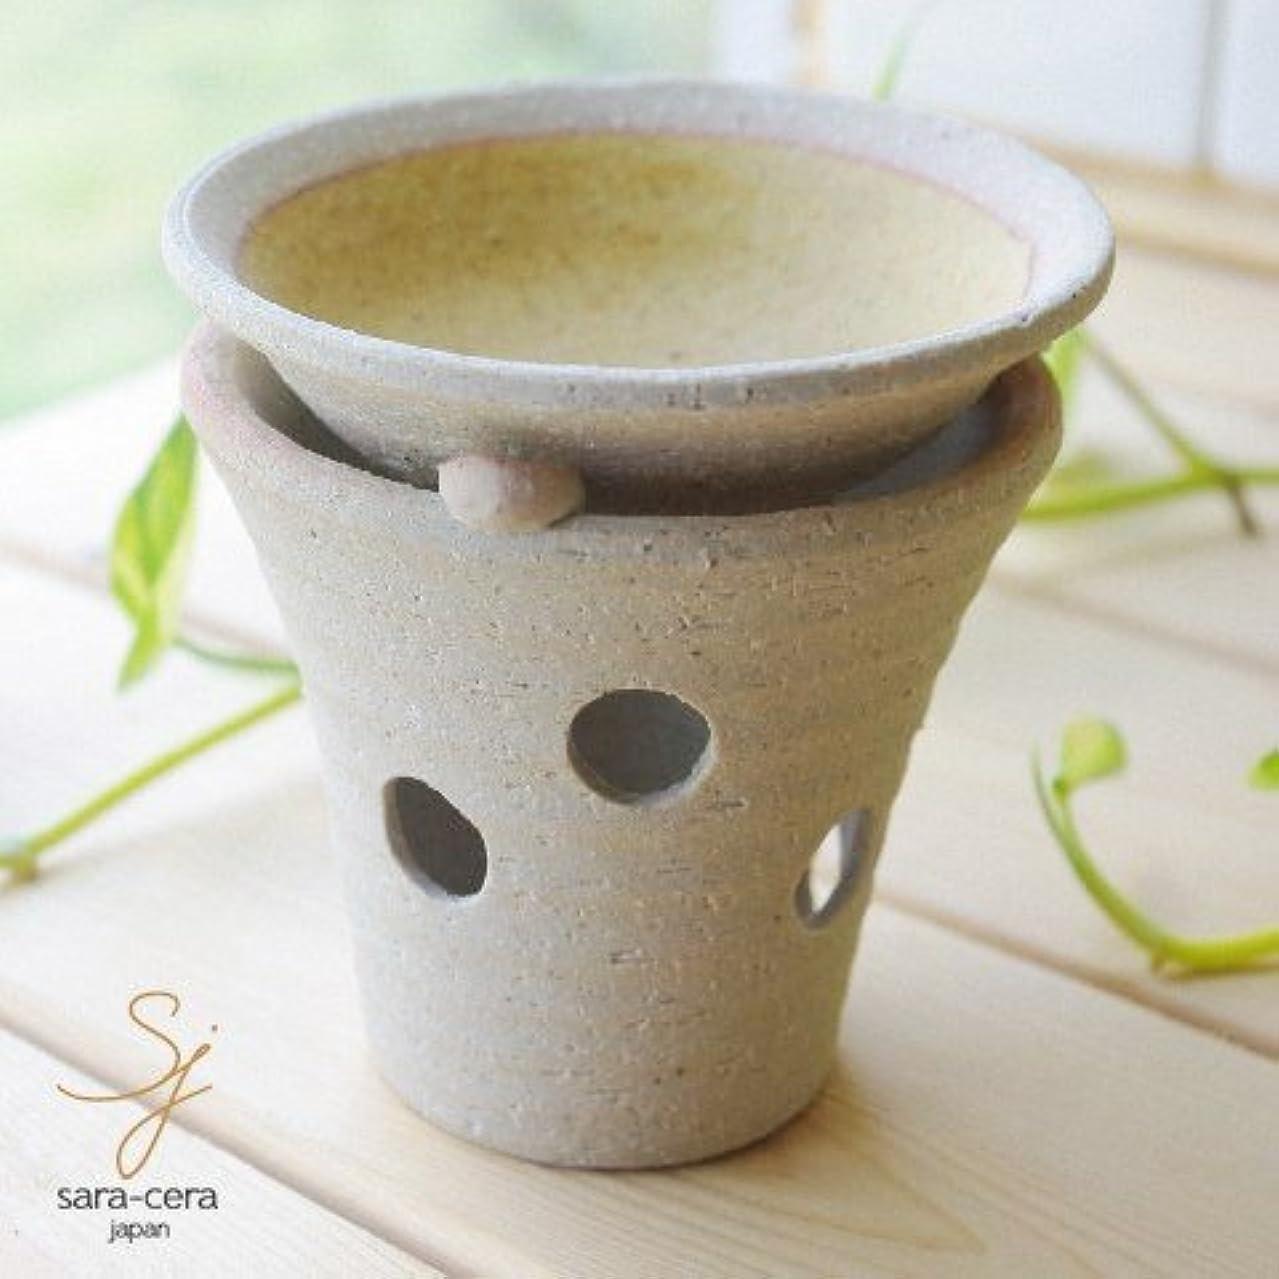 試用不規則な憲法松助窯 手作り茶香炉セット 黄釉 イエロー アロマ 和食器 リビング